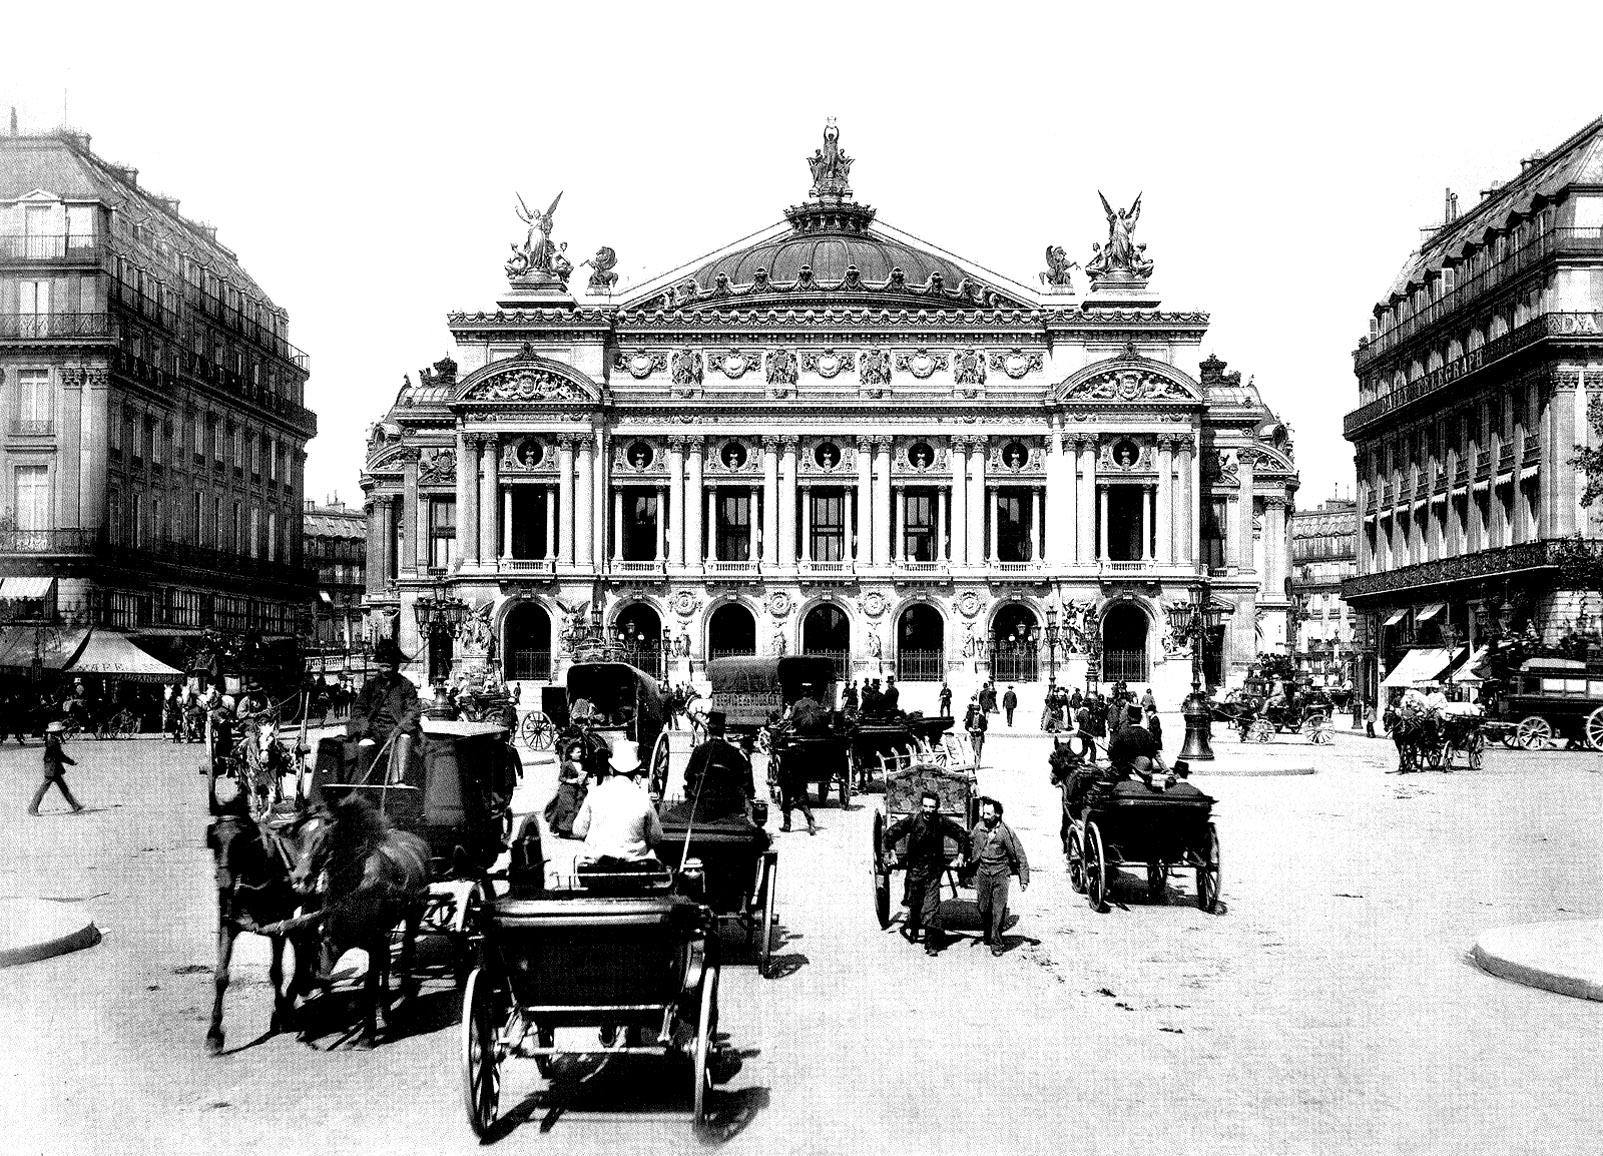 Une photo du 19e siècle de l'Opéra de Paris, avec carrosses d'époque ! A colorier, pour une plongée dans le Passé | A partir de la galerie : Paris